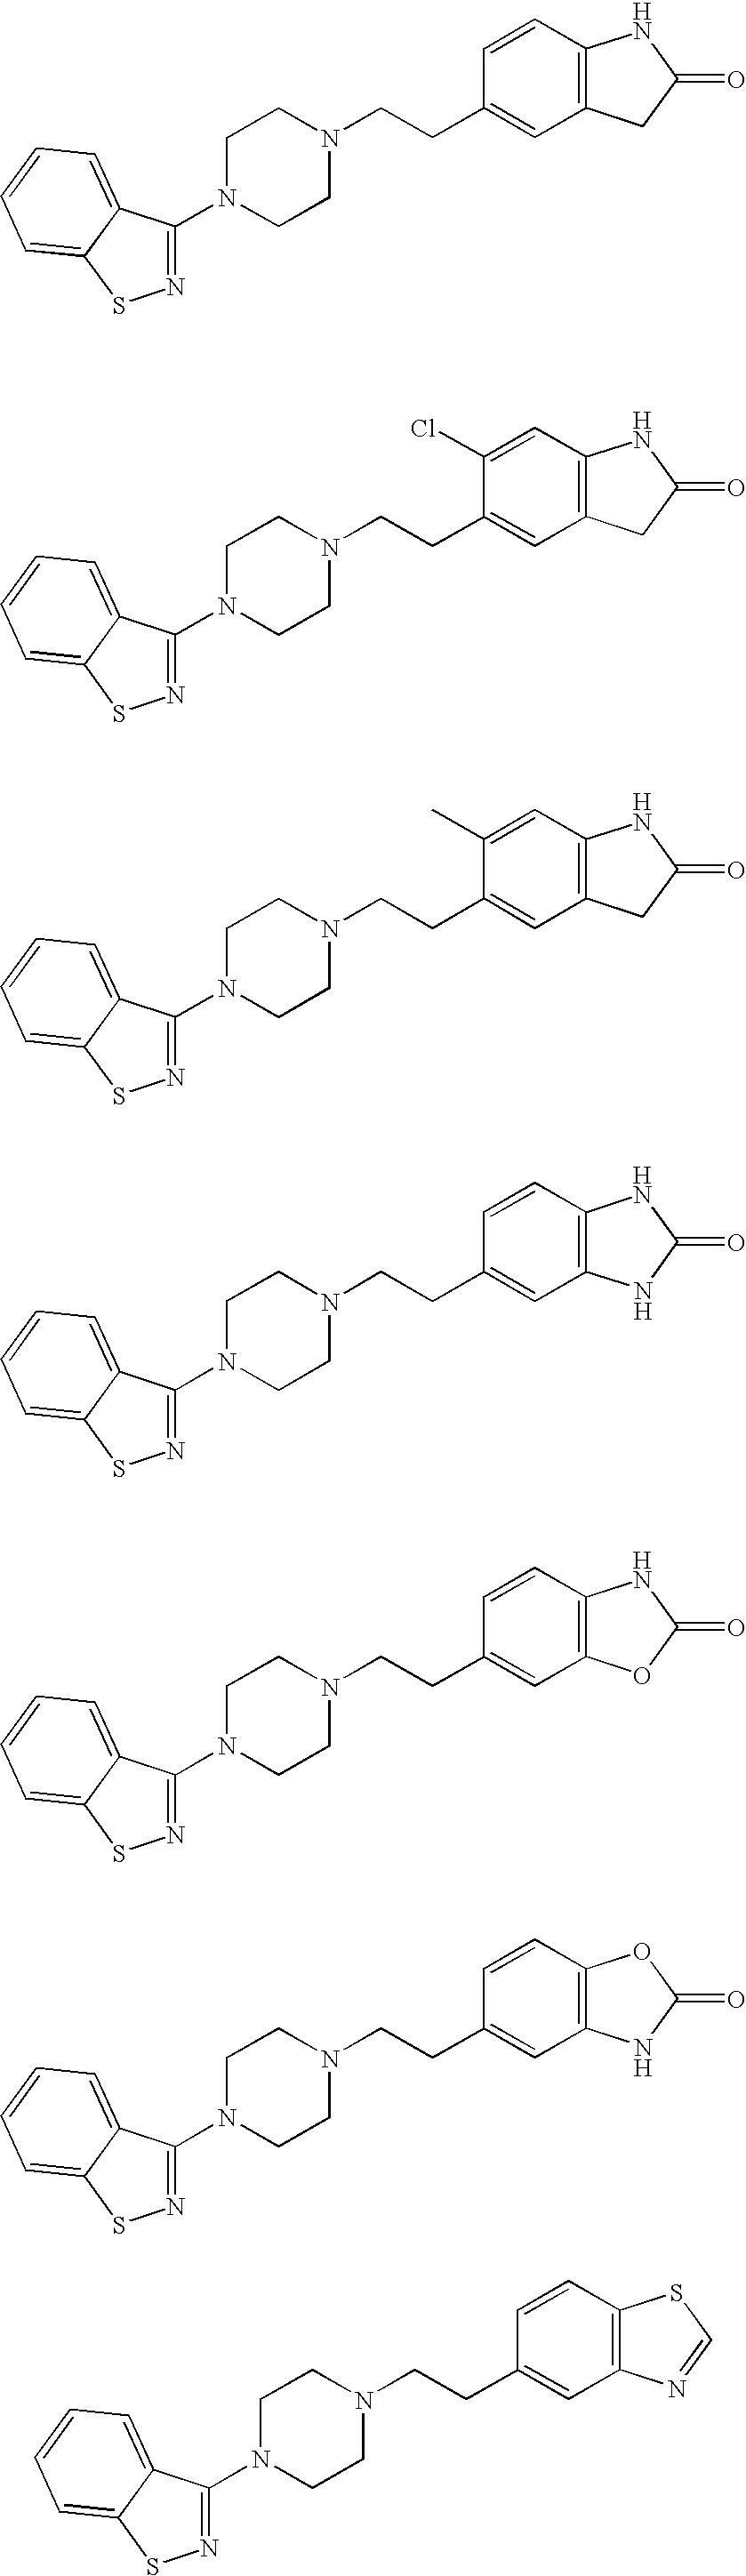 Figure US20100009983A1-20100114-C00187